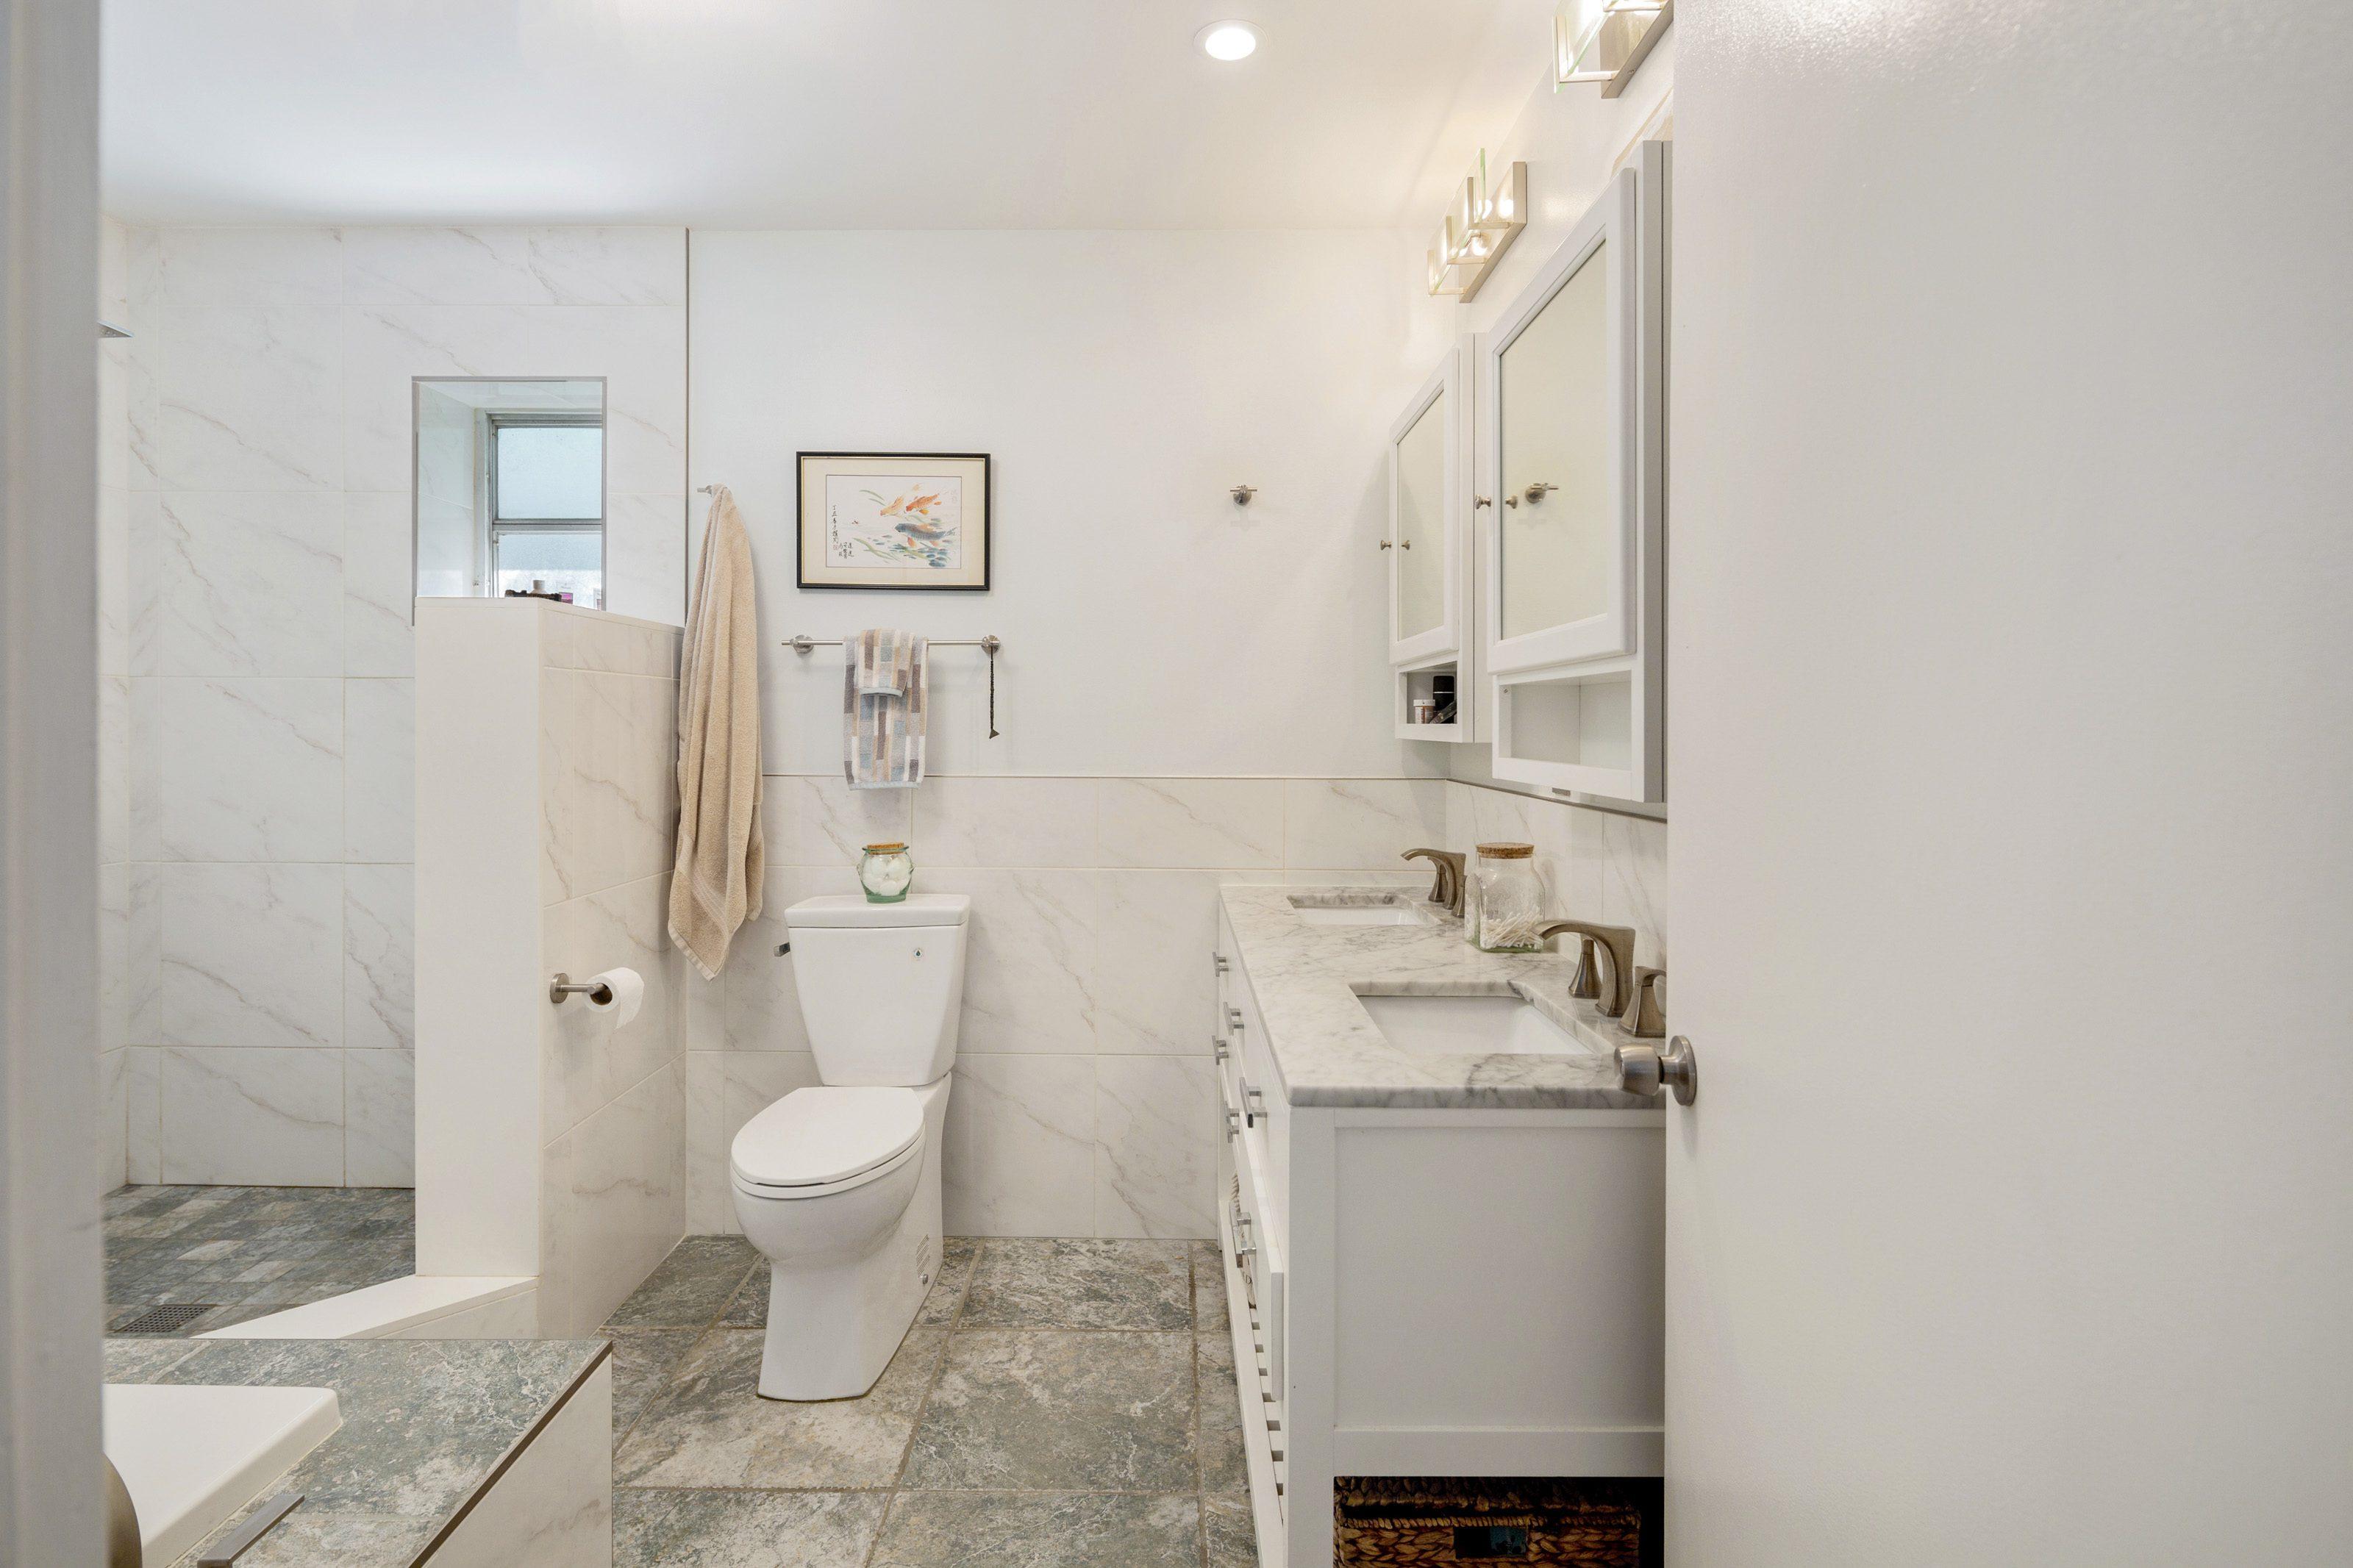 716 Elizabeth St, Key West_Bathroom #2